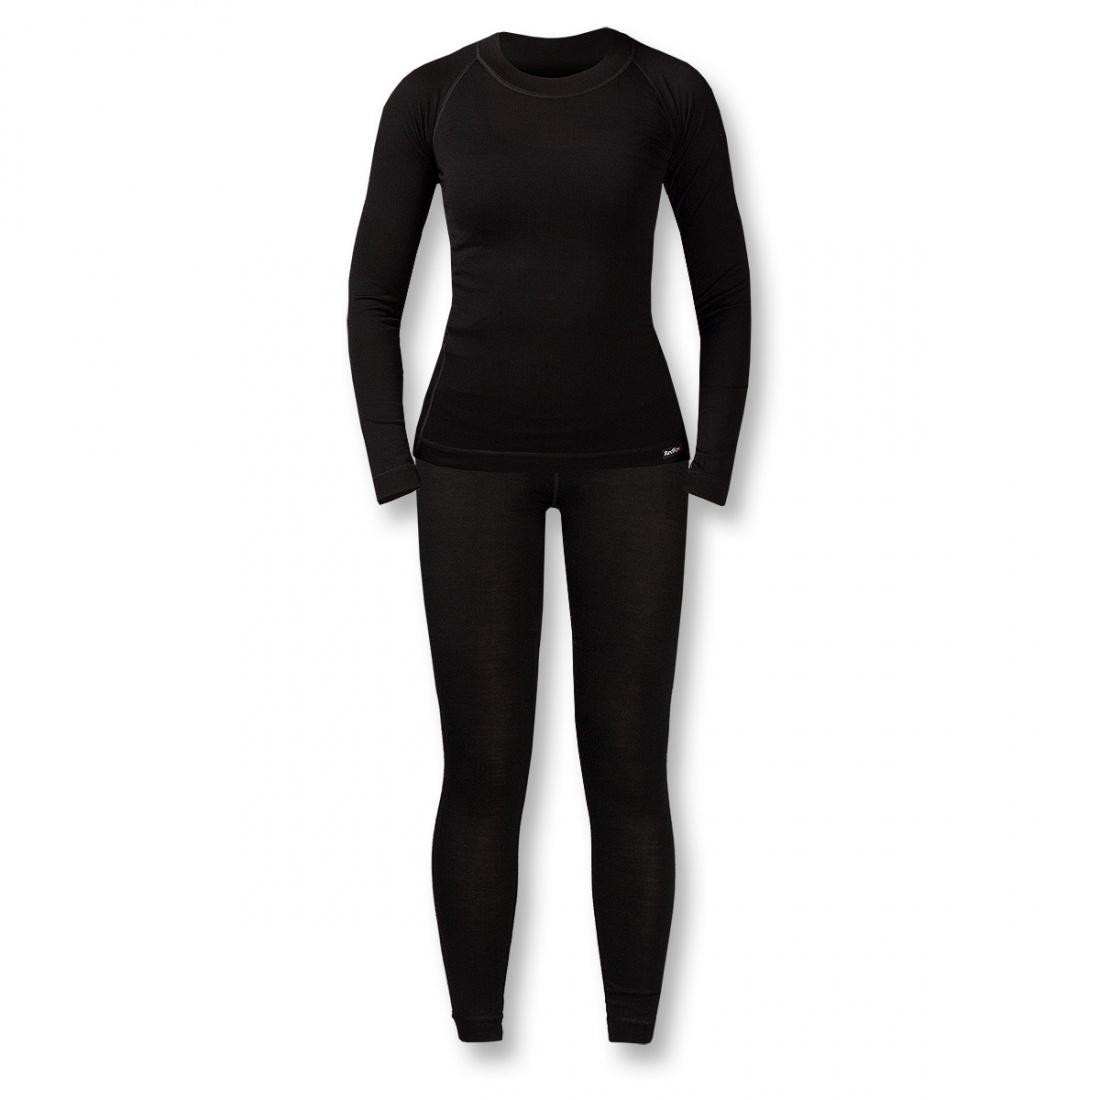 Термобелье костюм Wool Dry Light ЖенскийКомплекты<br><br> Тончайшее термобелье для женщин из мериносовой шерсти: оно достаточно теплое и пуловер можно носить как самостоятельный элемент одежды.В качестве базового слоя костюм прекрасно подходит для занятий спортом в холодную погоду зимой.<br><br><br> Ос...<br><br>Цвет: Черный<br>Размер: 44